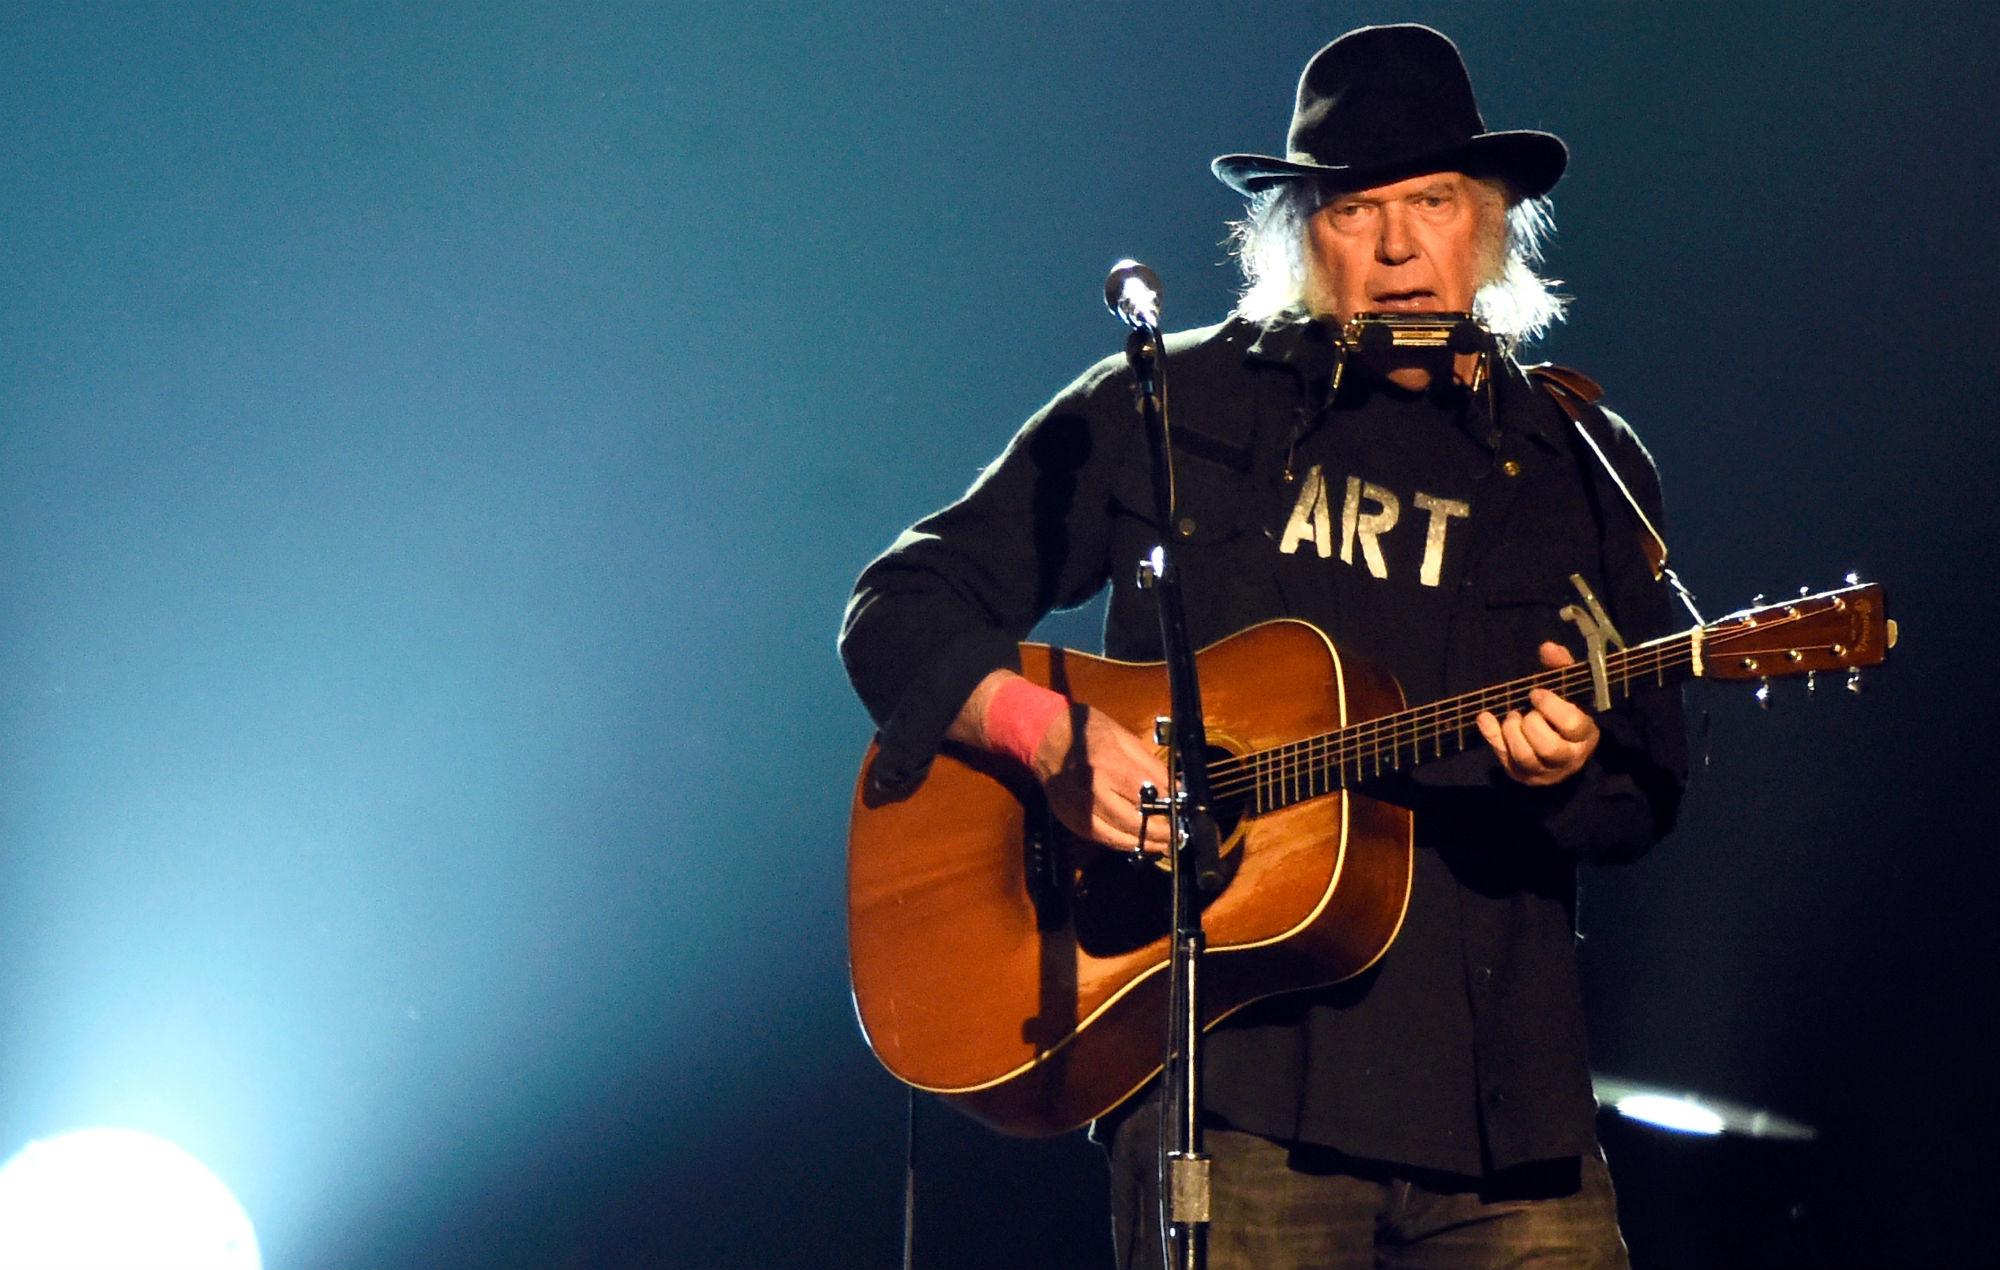 Neil Young announces live acoustic album, featuring a